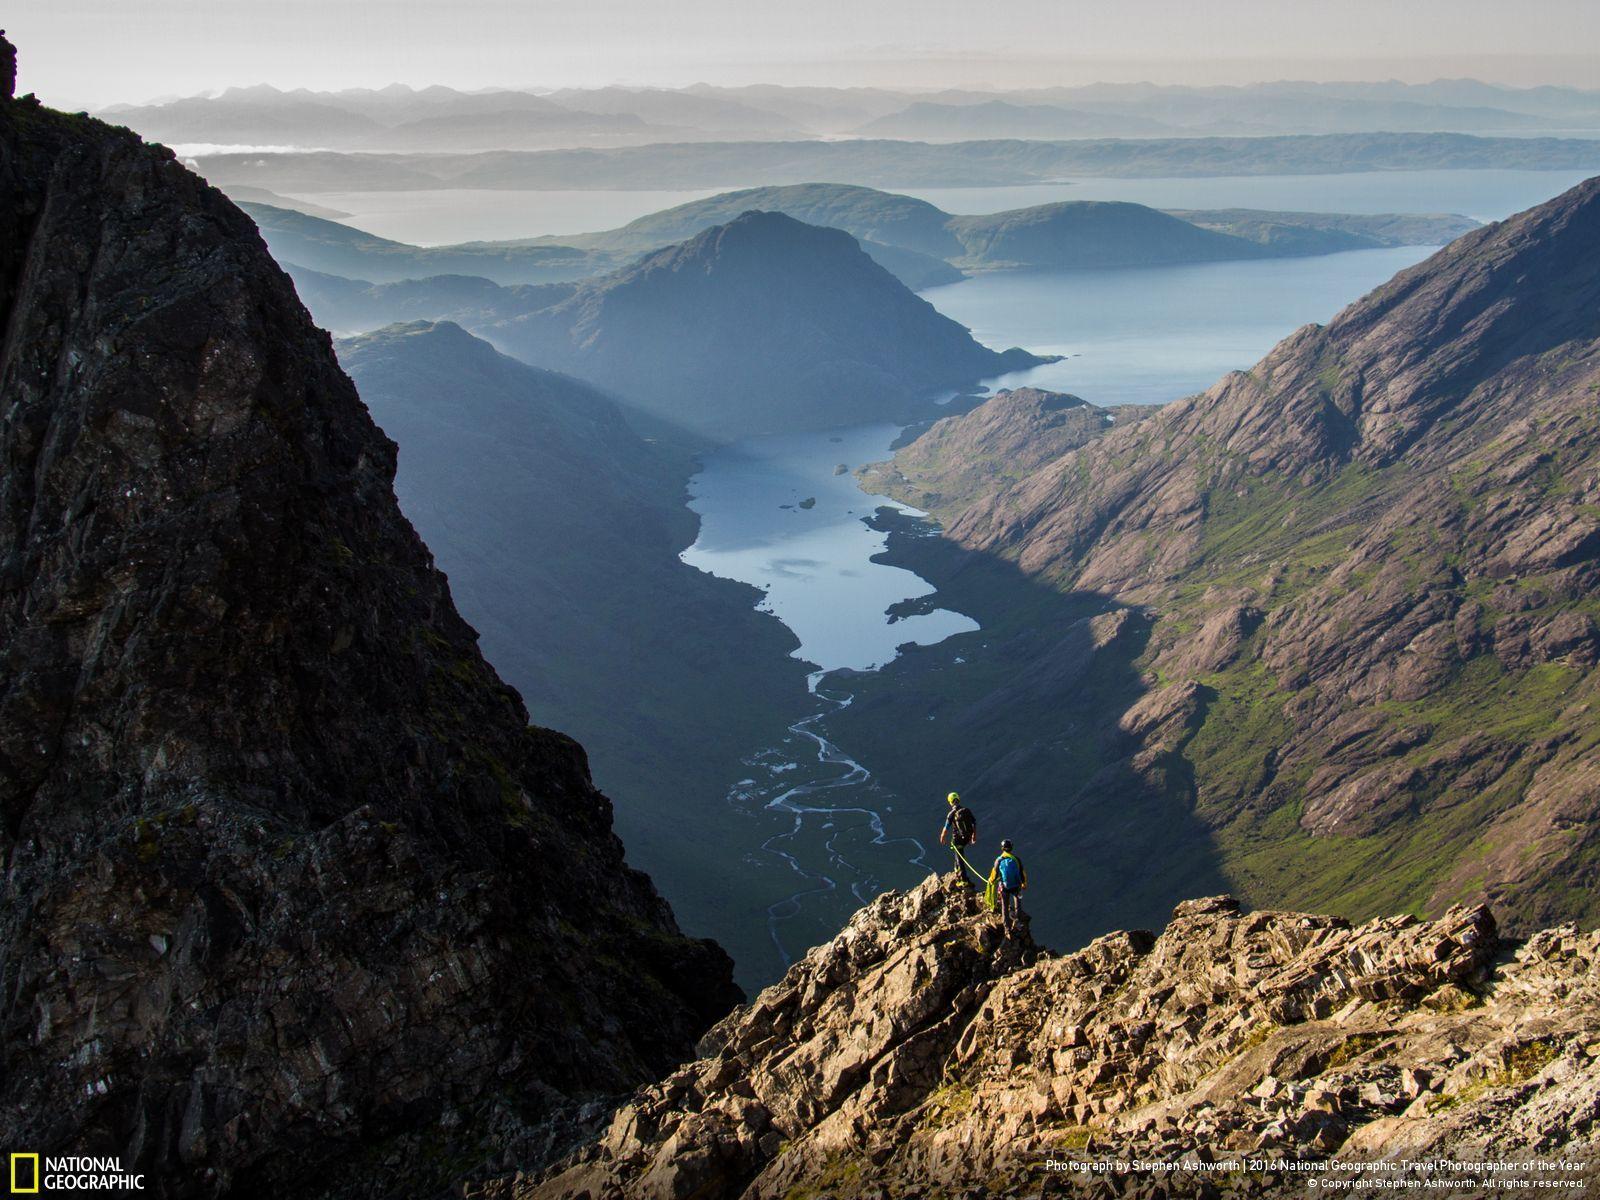 melhores fotos de viagem national geographic_6